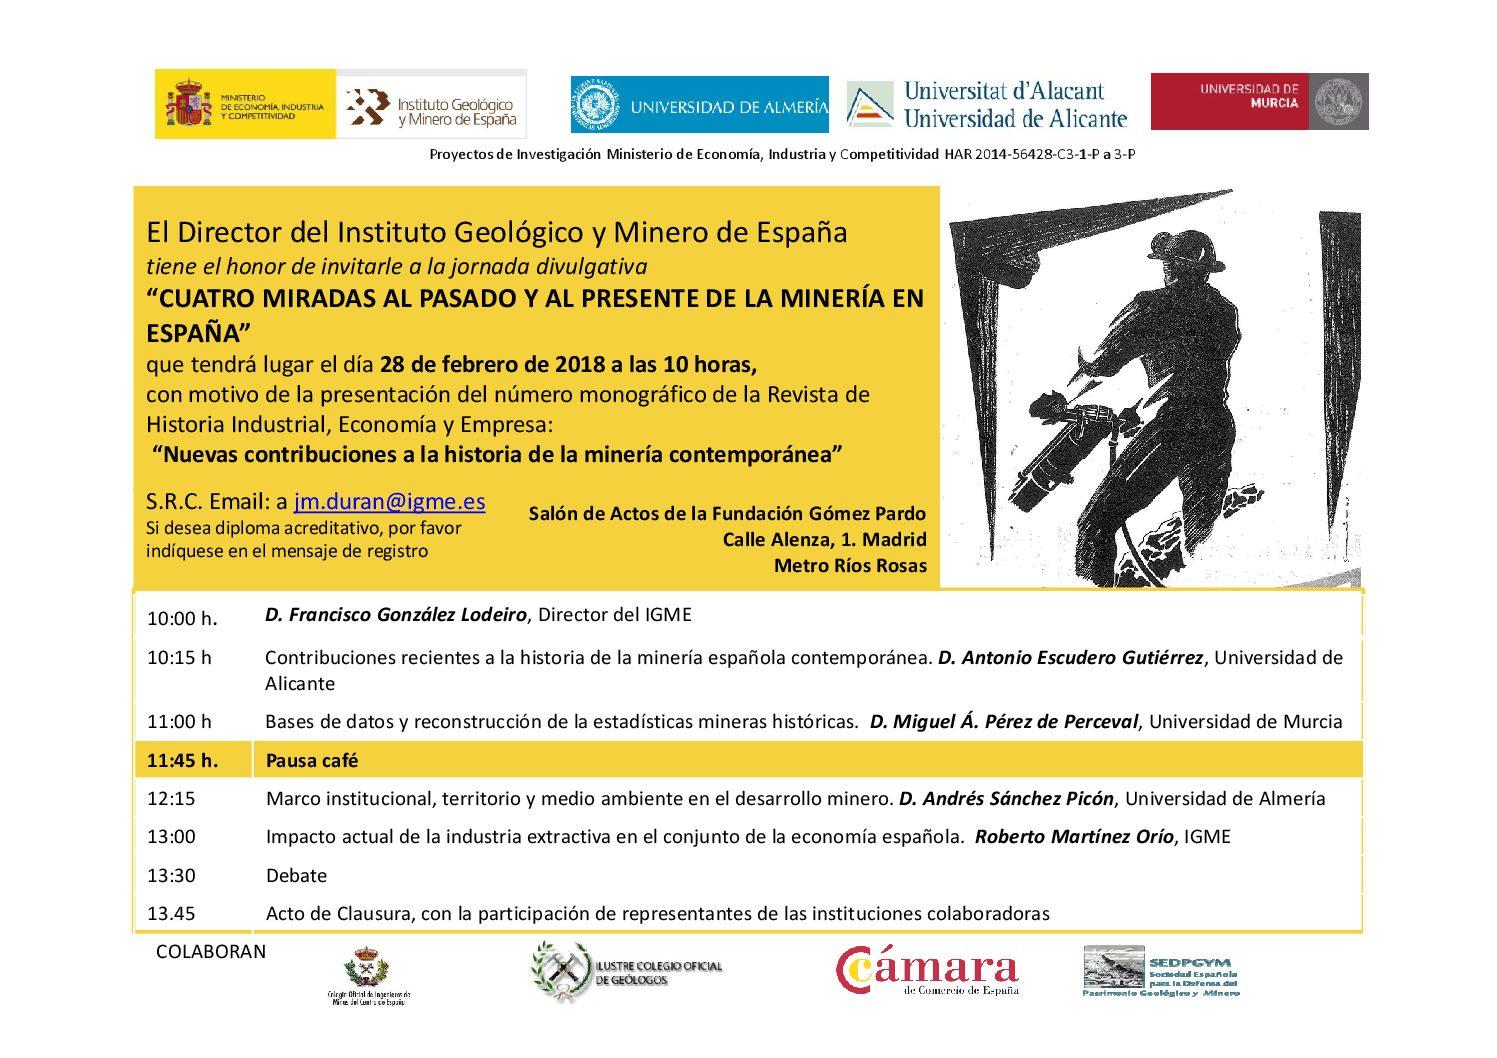 """Conferencia: """"Cuatro miradas al pasado y presente de la minería en España"""" 28 FEB 2018 Madrid"""